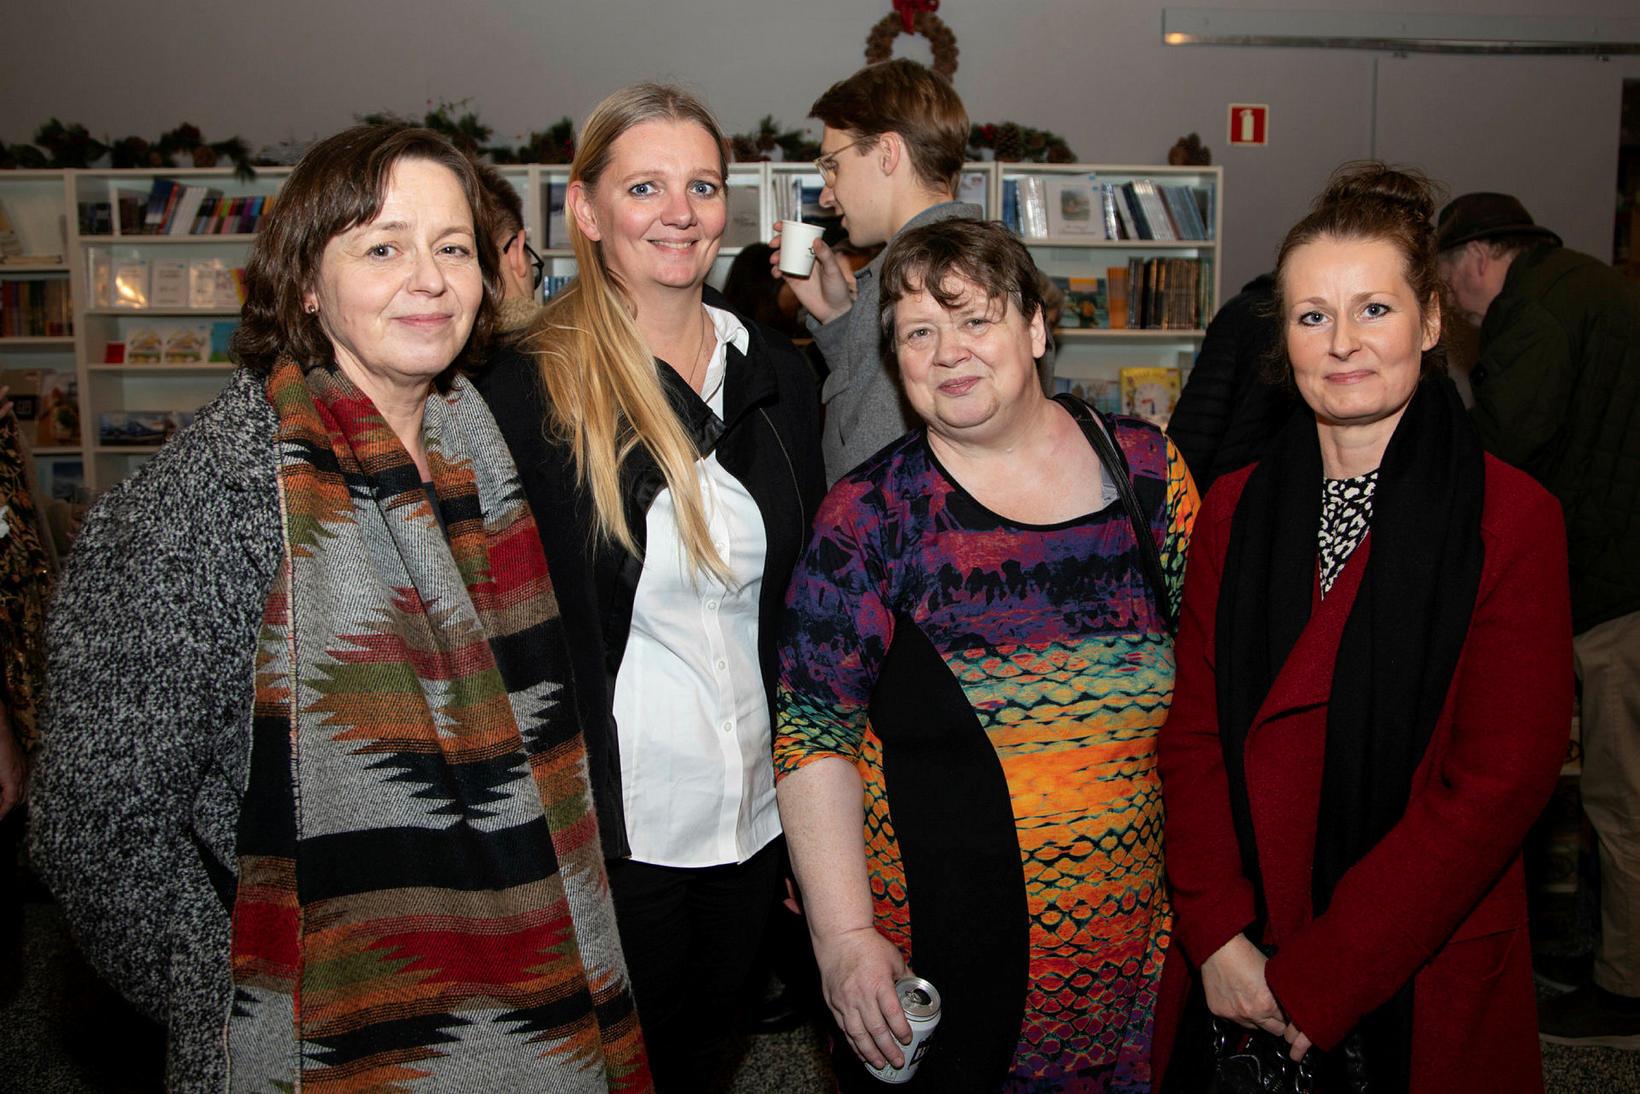 Sigríður Rögnvaldsdóttir, Þórhildur Garðarsdóttir, Nanna Rögnvaldardóttir og Ingibjörg Helgadóttir.